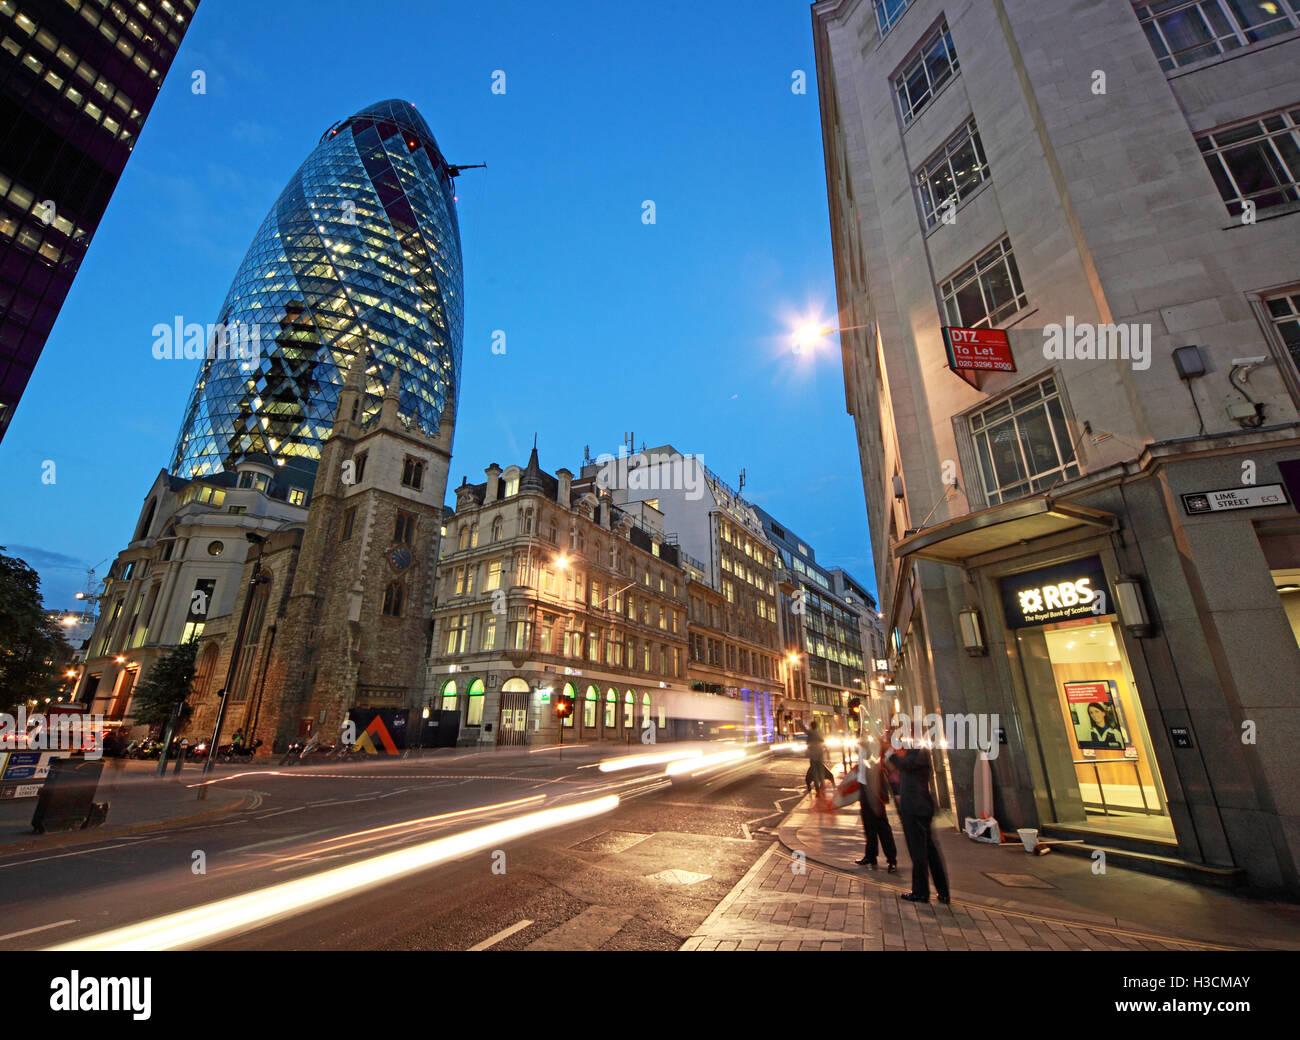 Laden Sie dieses Alamy Stockfoto 30 St Mary Axe, Gherkin, Swiss Re Gebäude, City Of London, England in der Abenddämmerung - H3CMAY